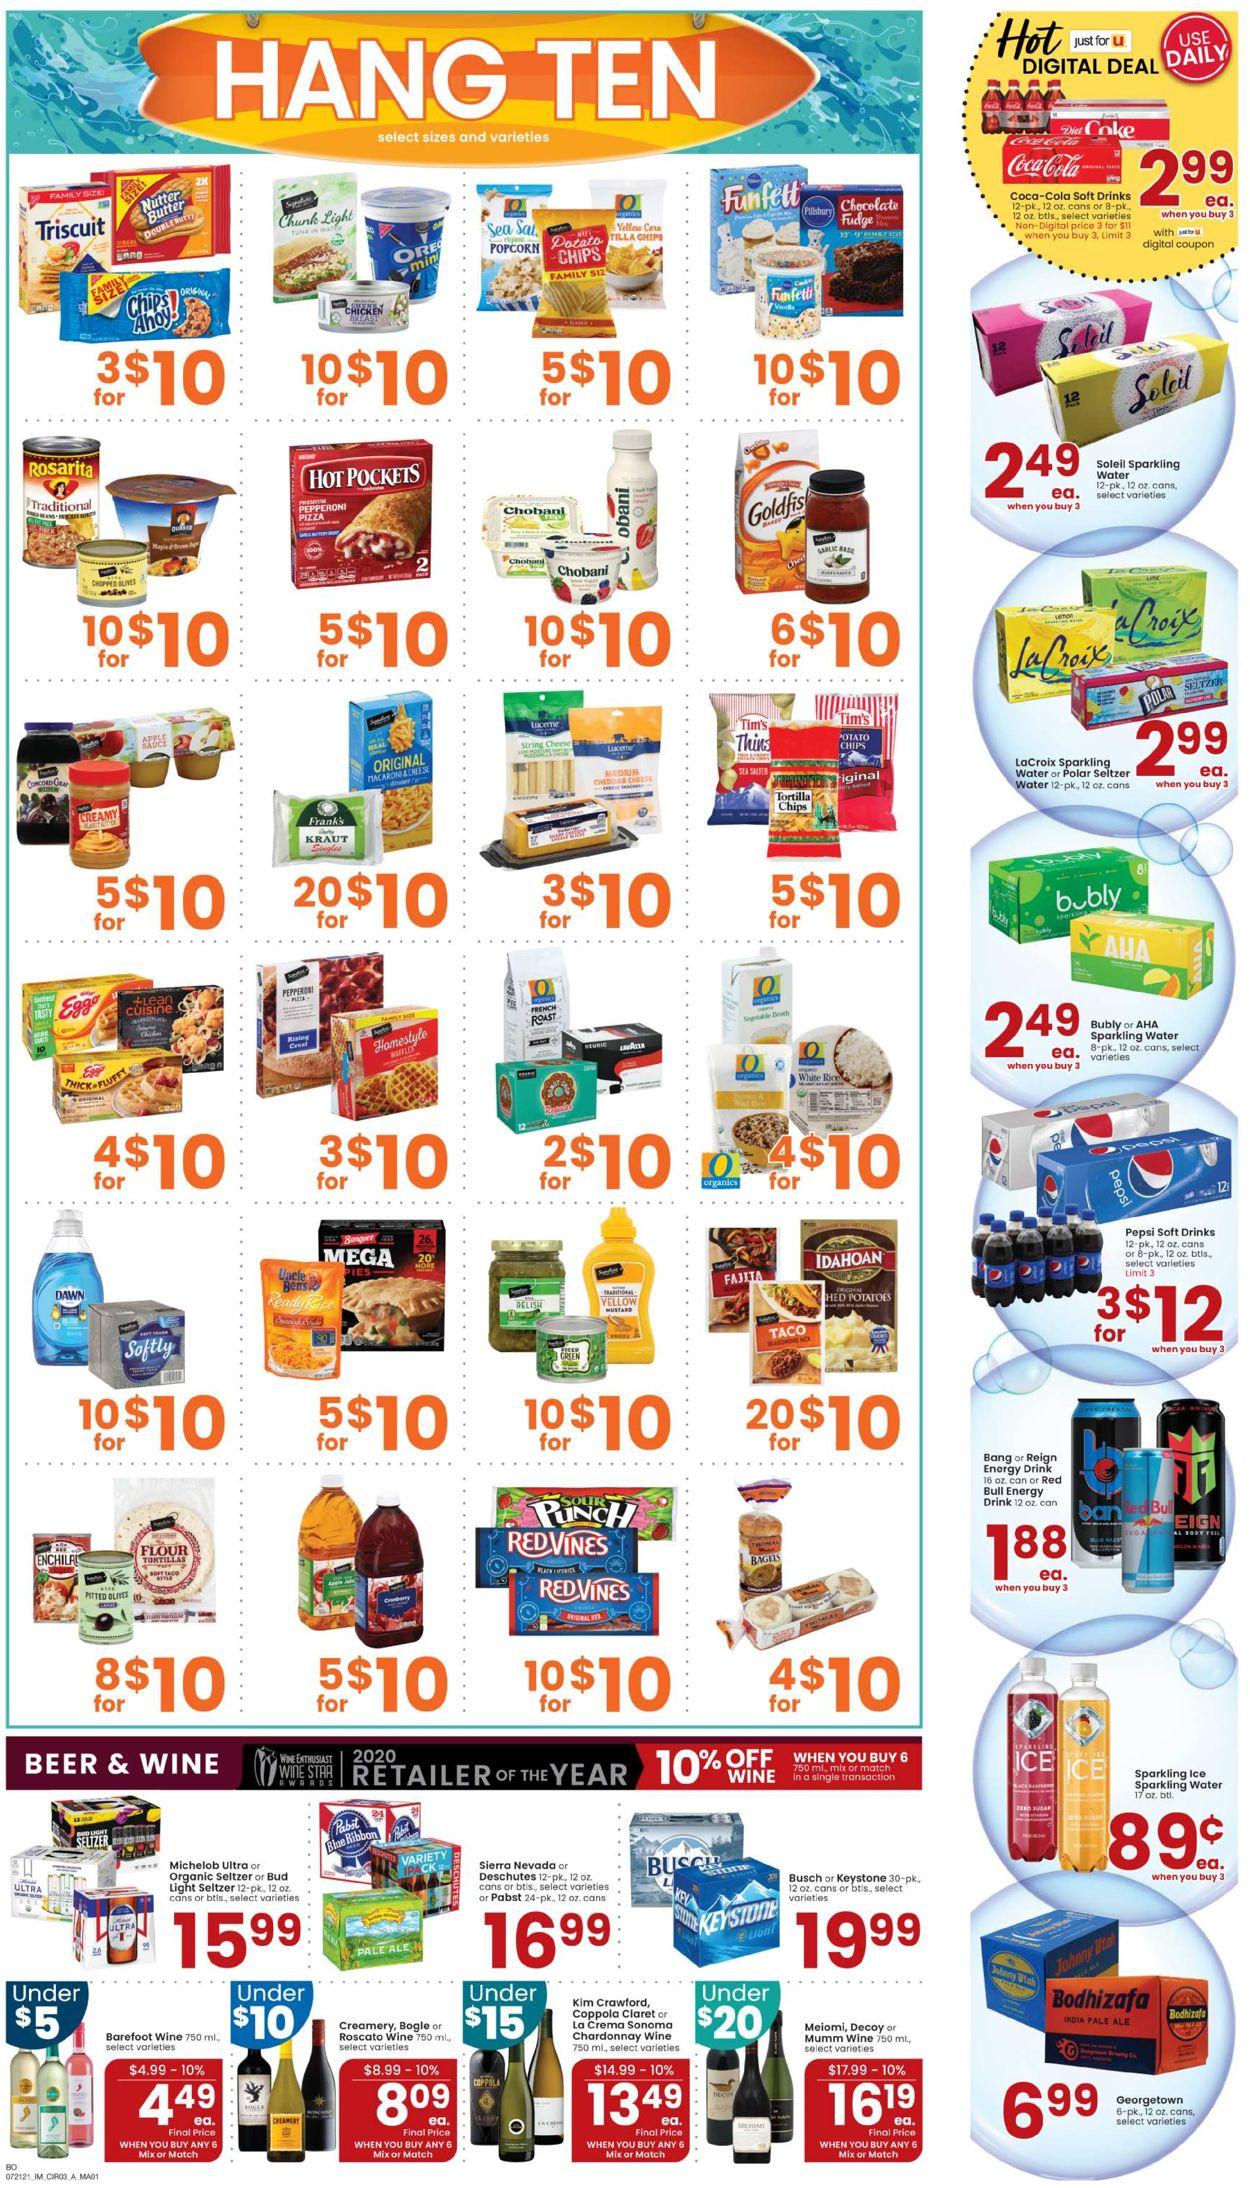 Albertsons Weekly Ad Circular - valid 07/21-07/27/2021 (Page 3)